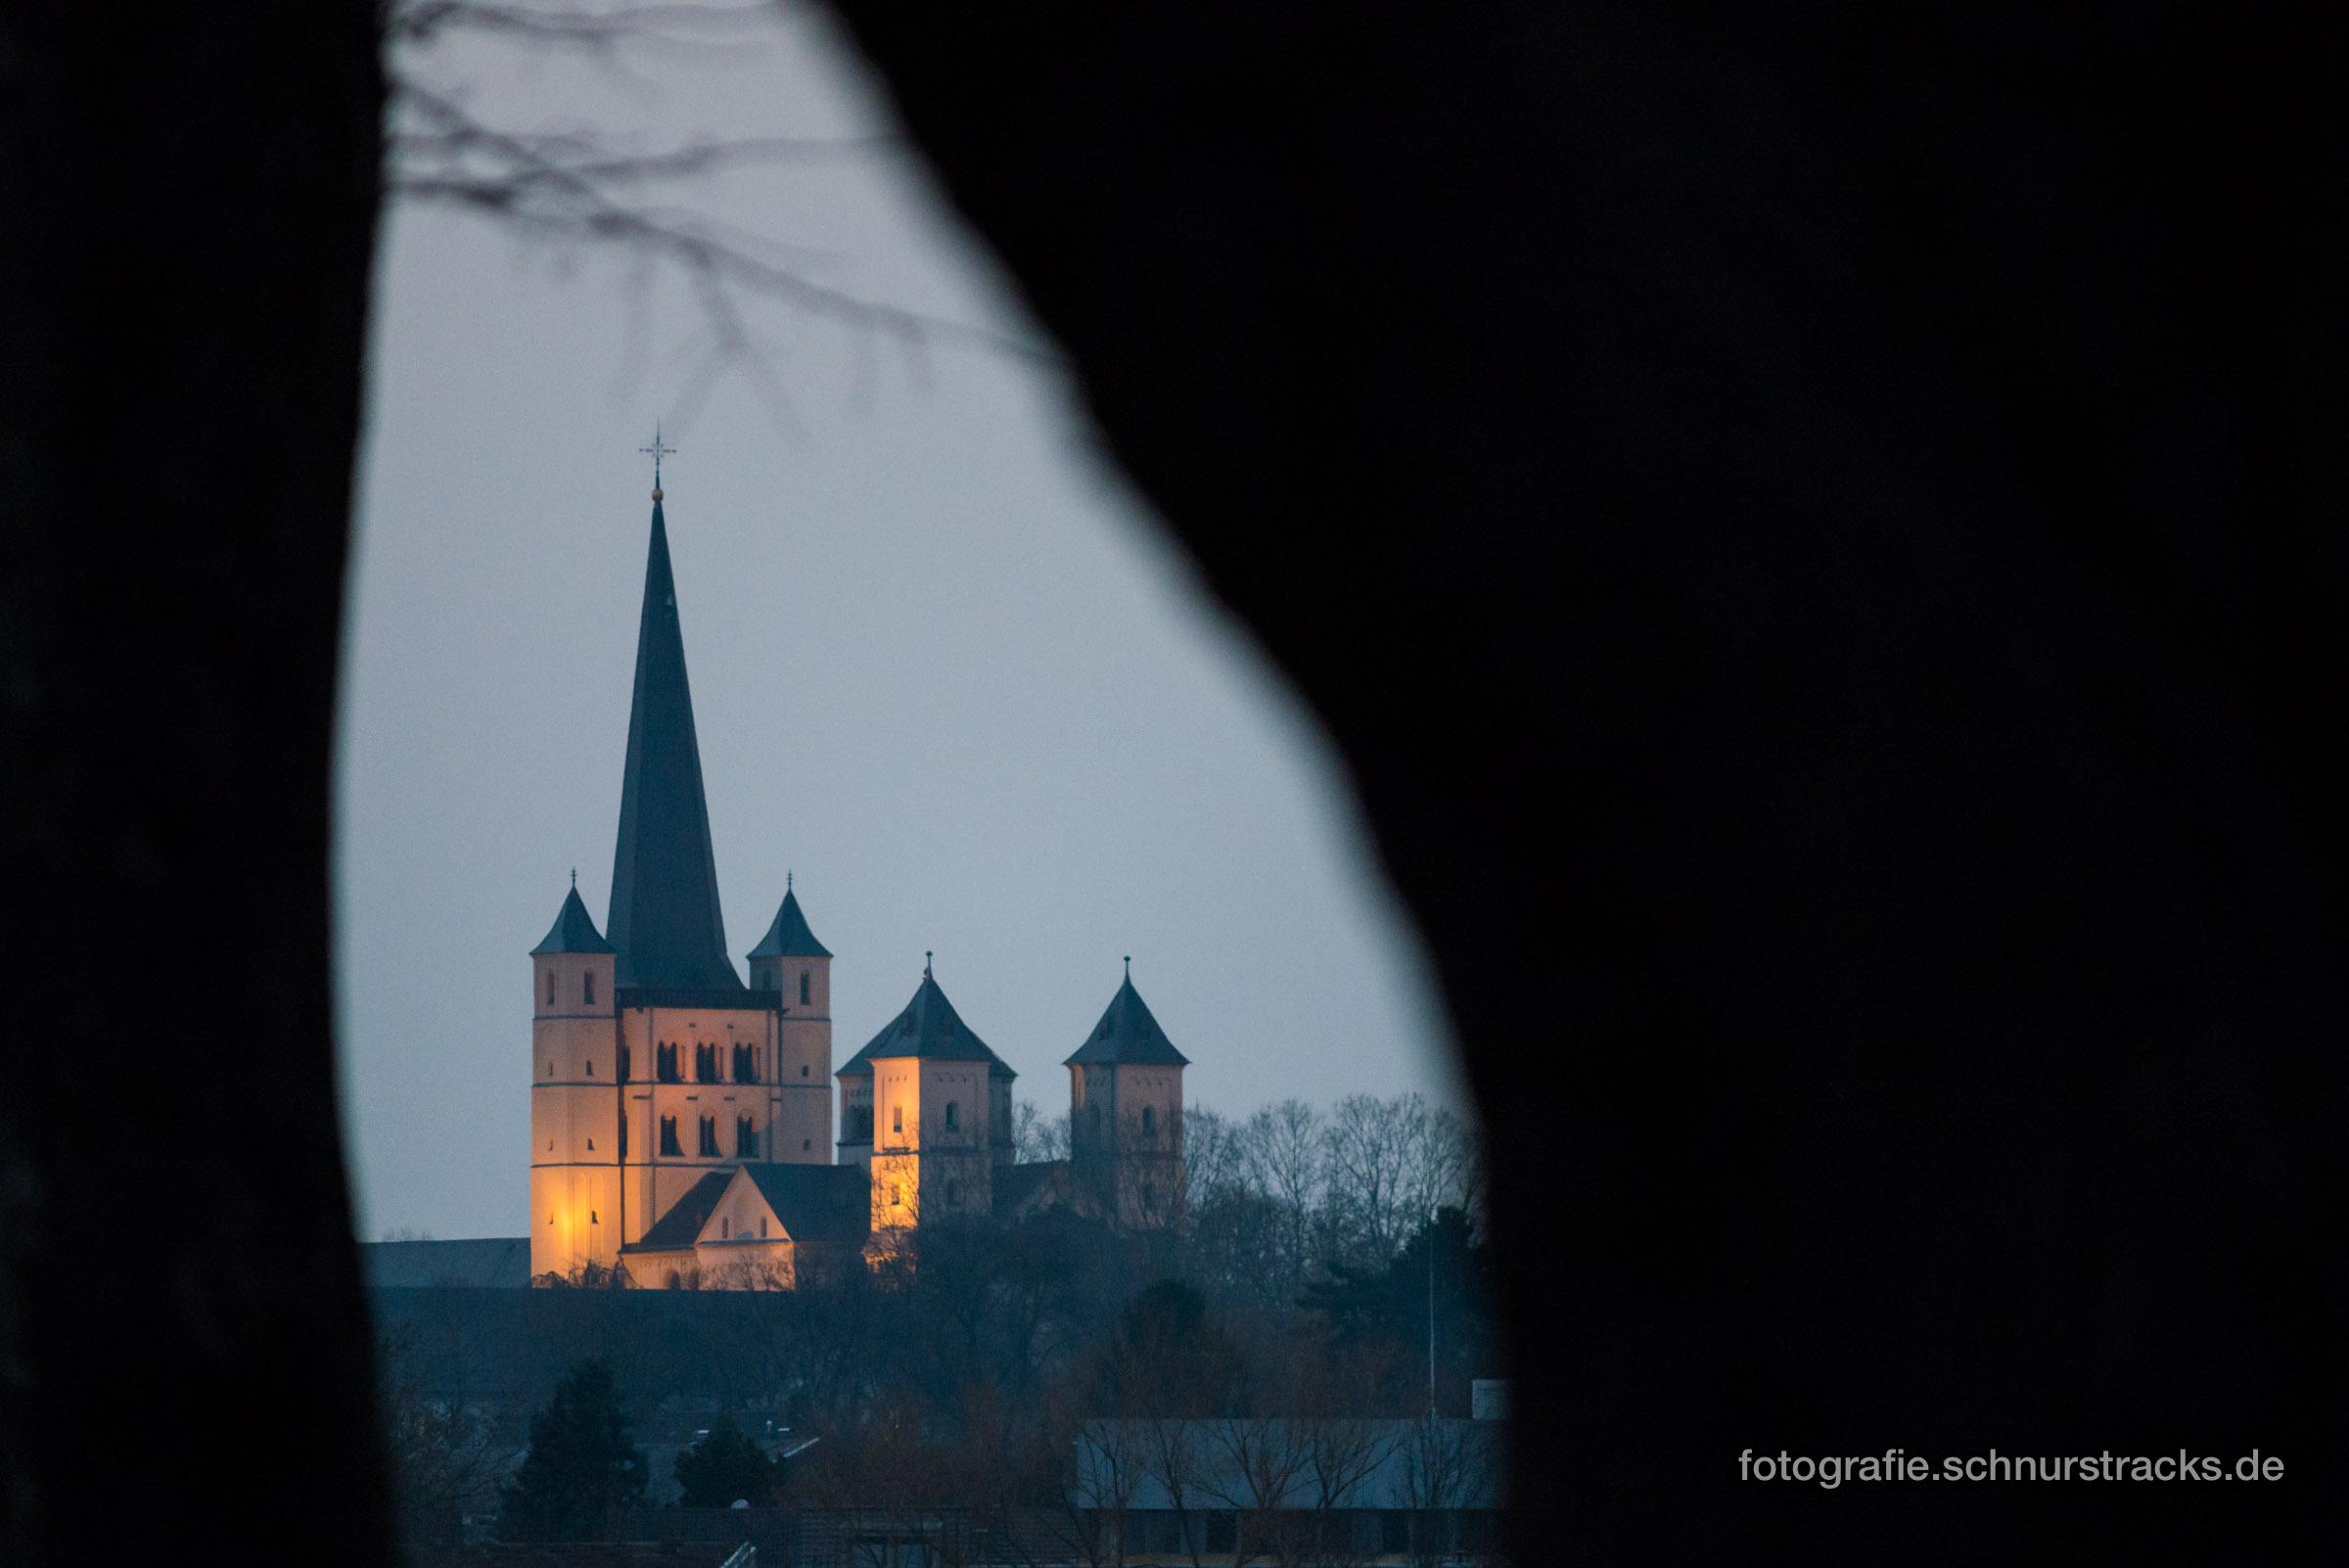 Abtei Brauweiler, Südwestseite am Abend #1397